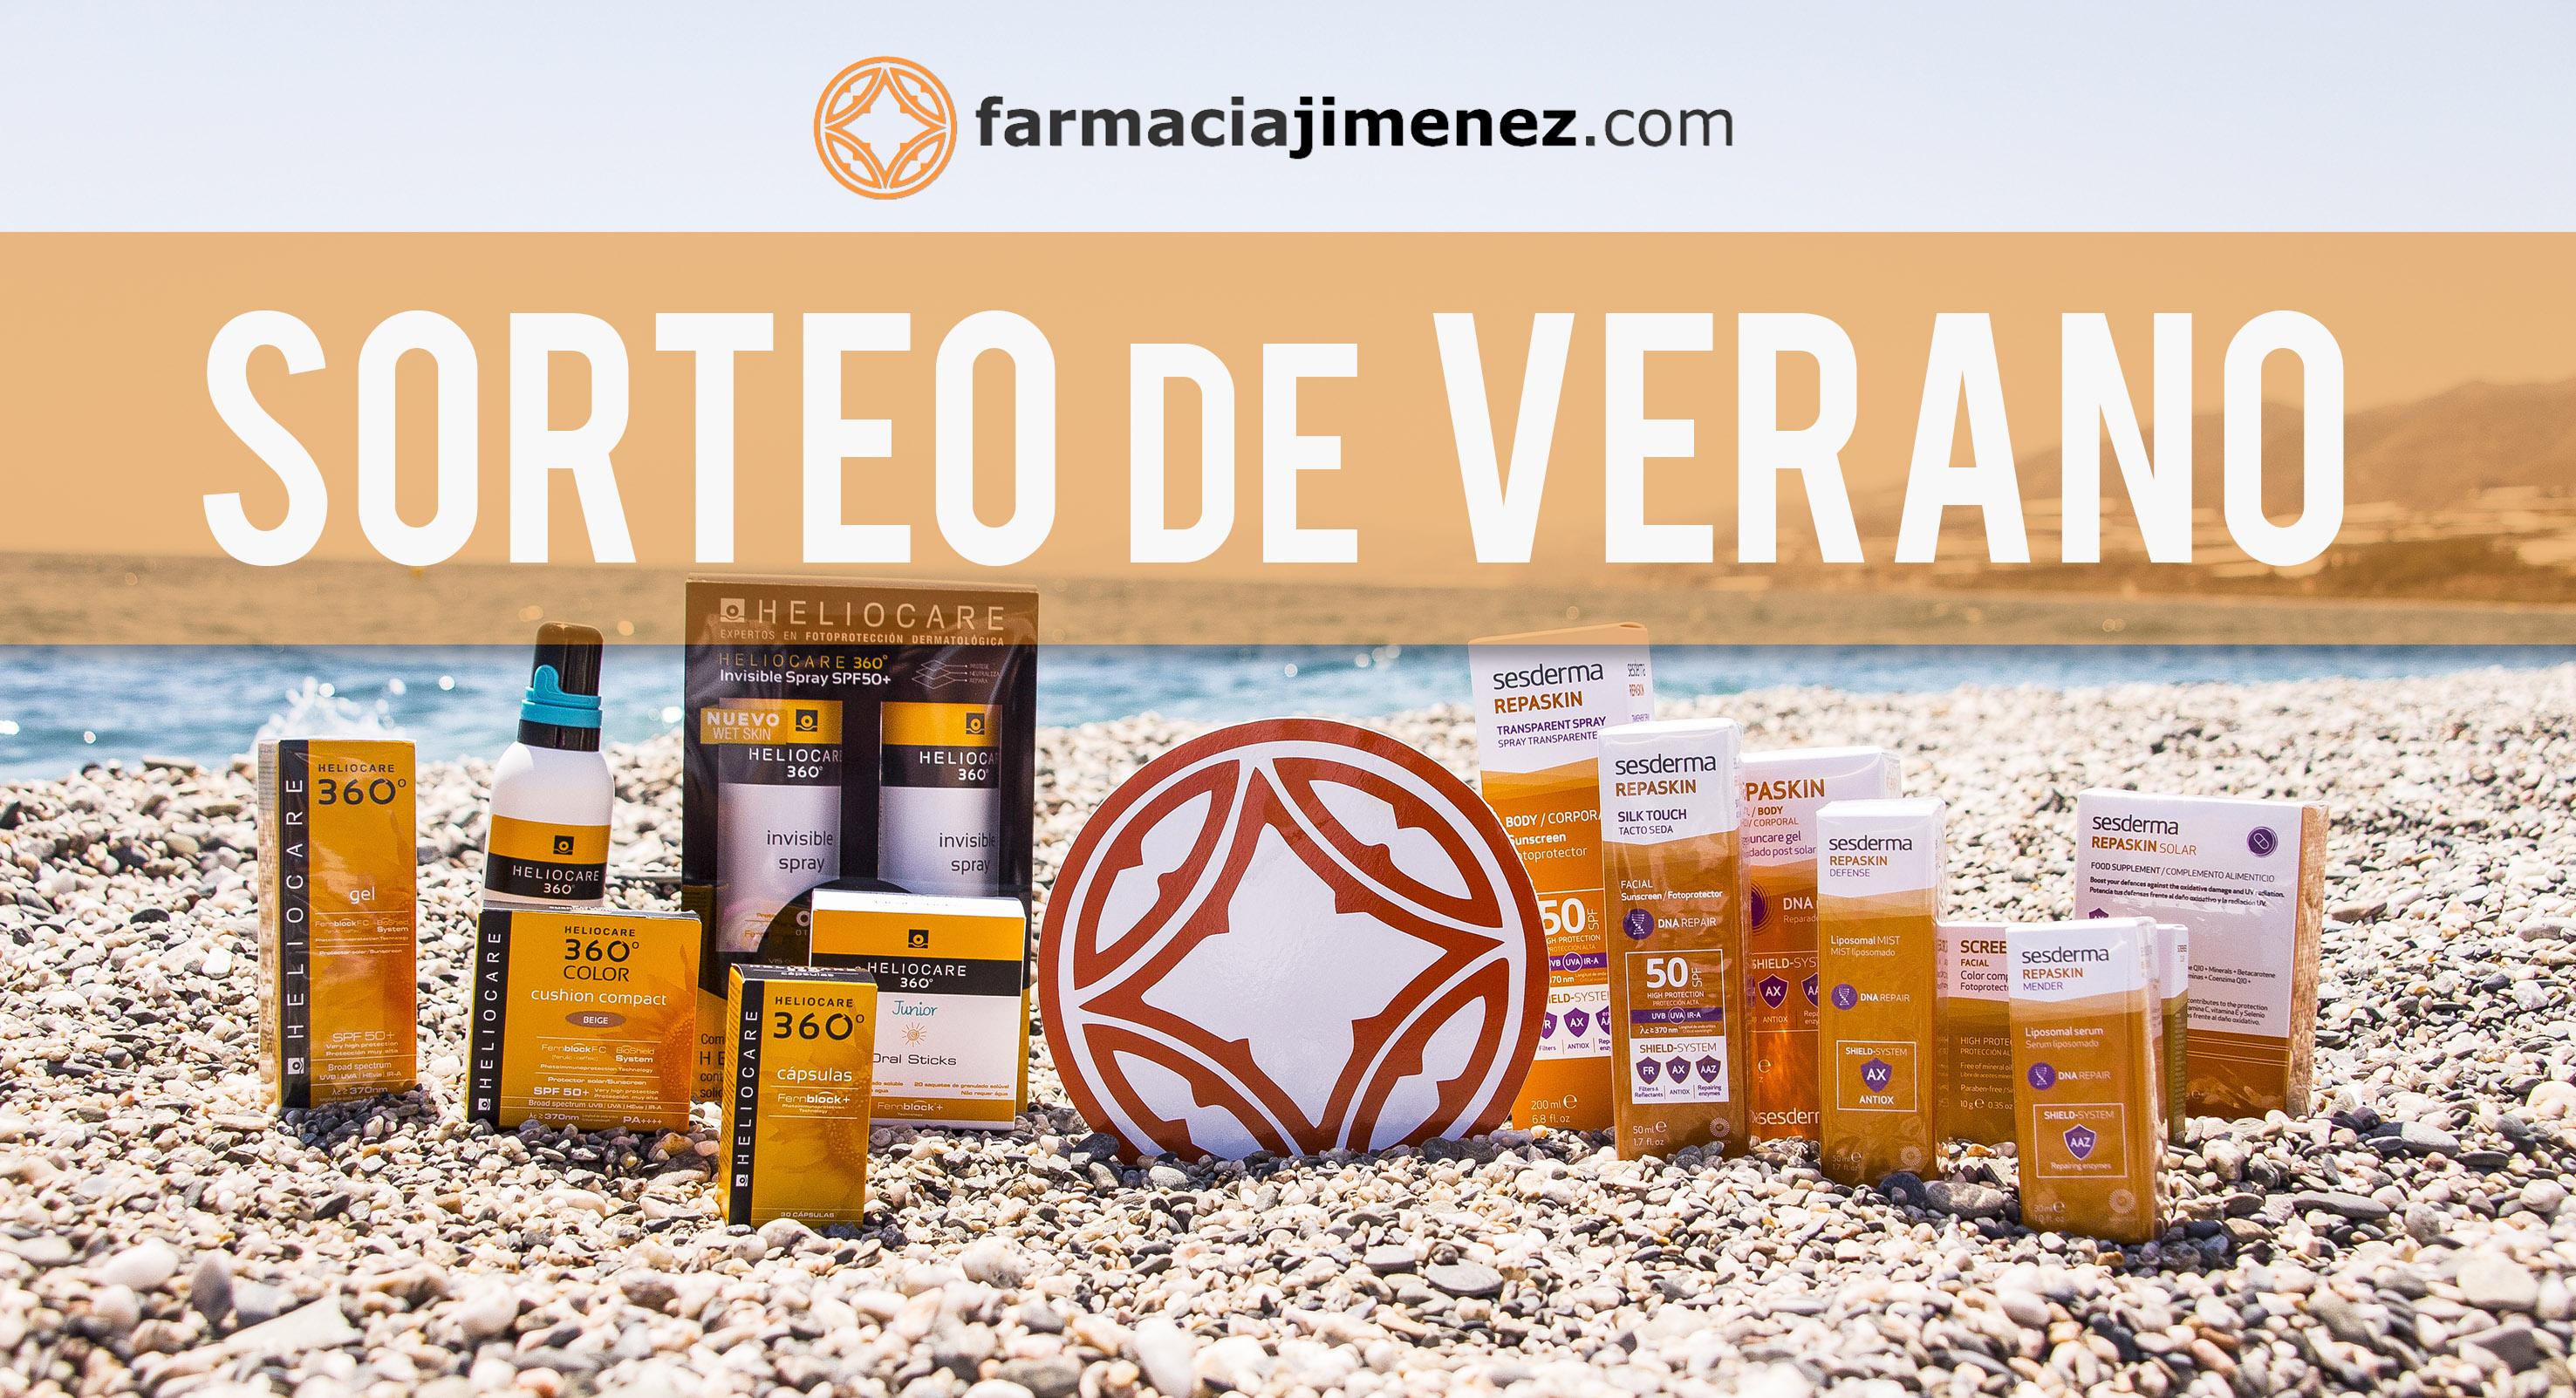 ¡Sorteo de Verano de Farmacia Jiménez 2018! | Farmacia Jiménez